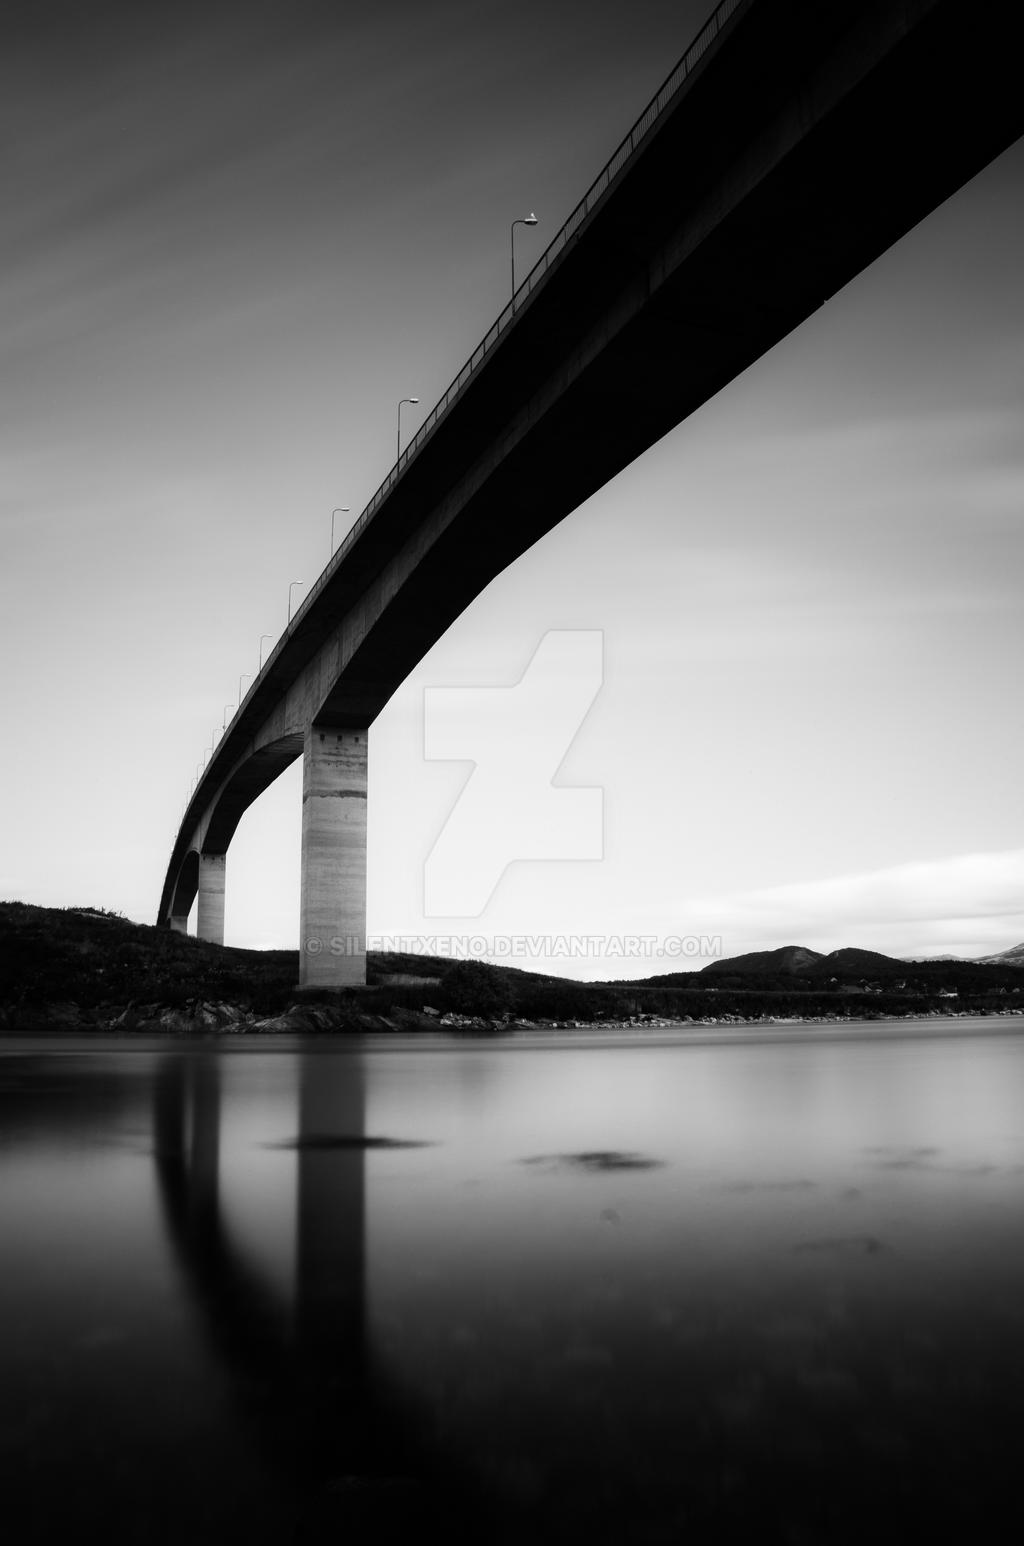 The Bridge by SilentXeno